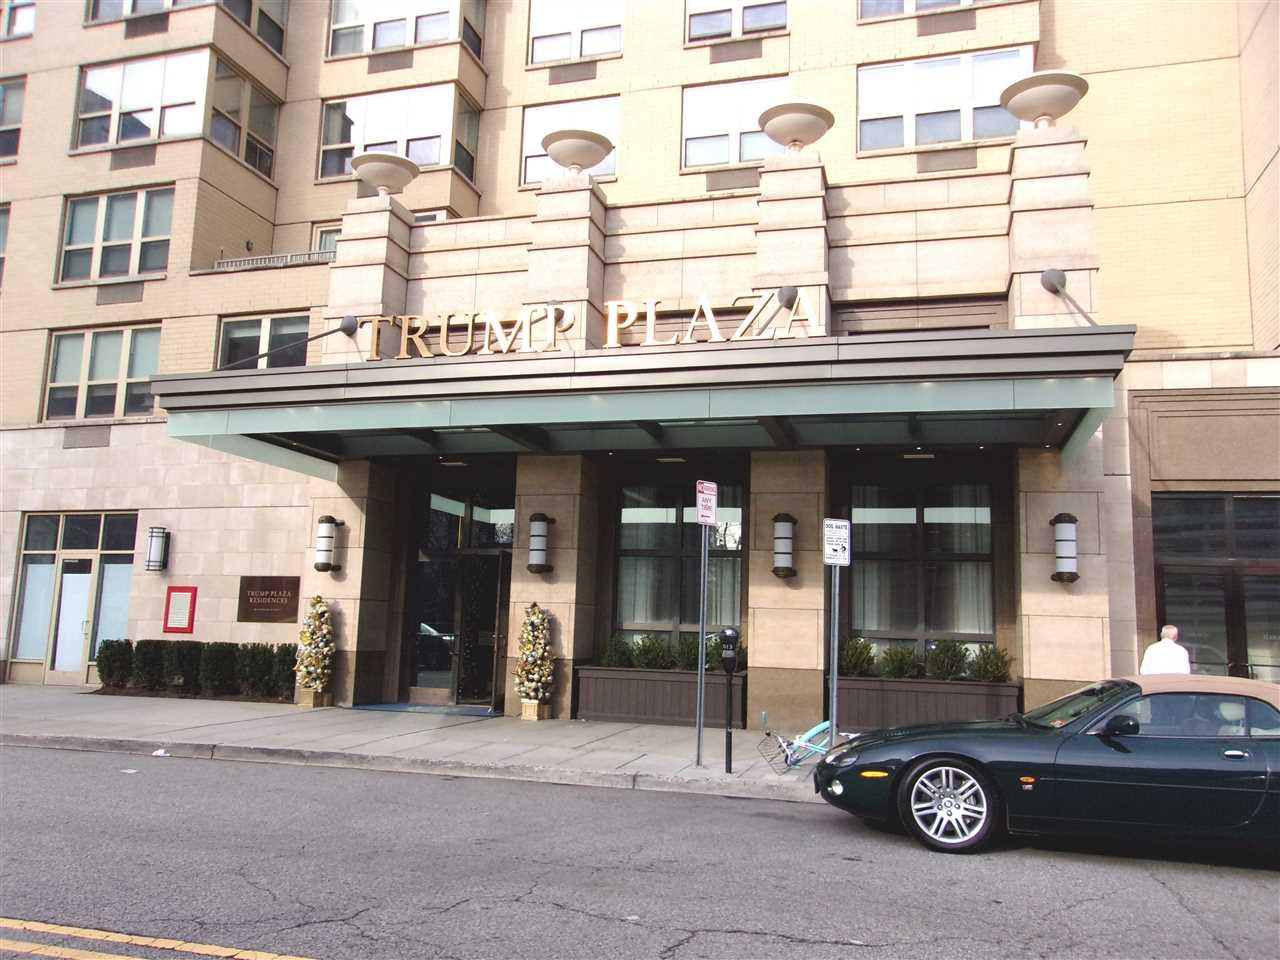 88 MORGAN ST 3809, JC, Downtown, NJ 07302